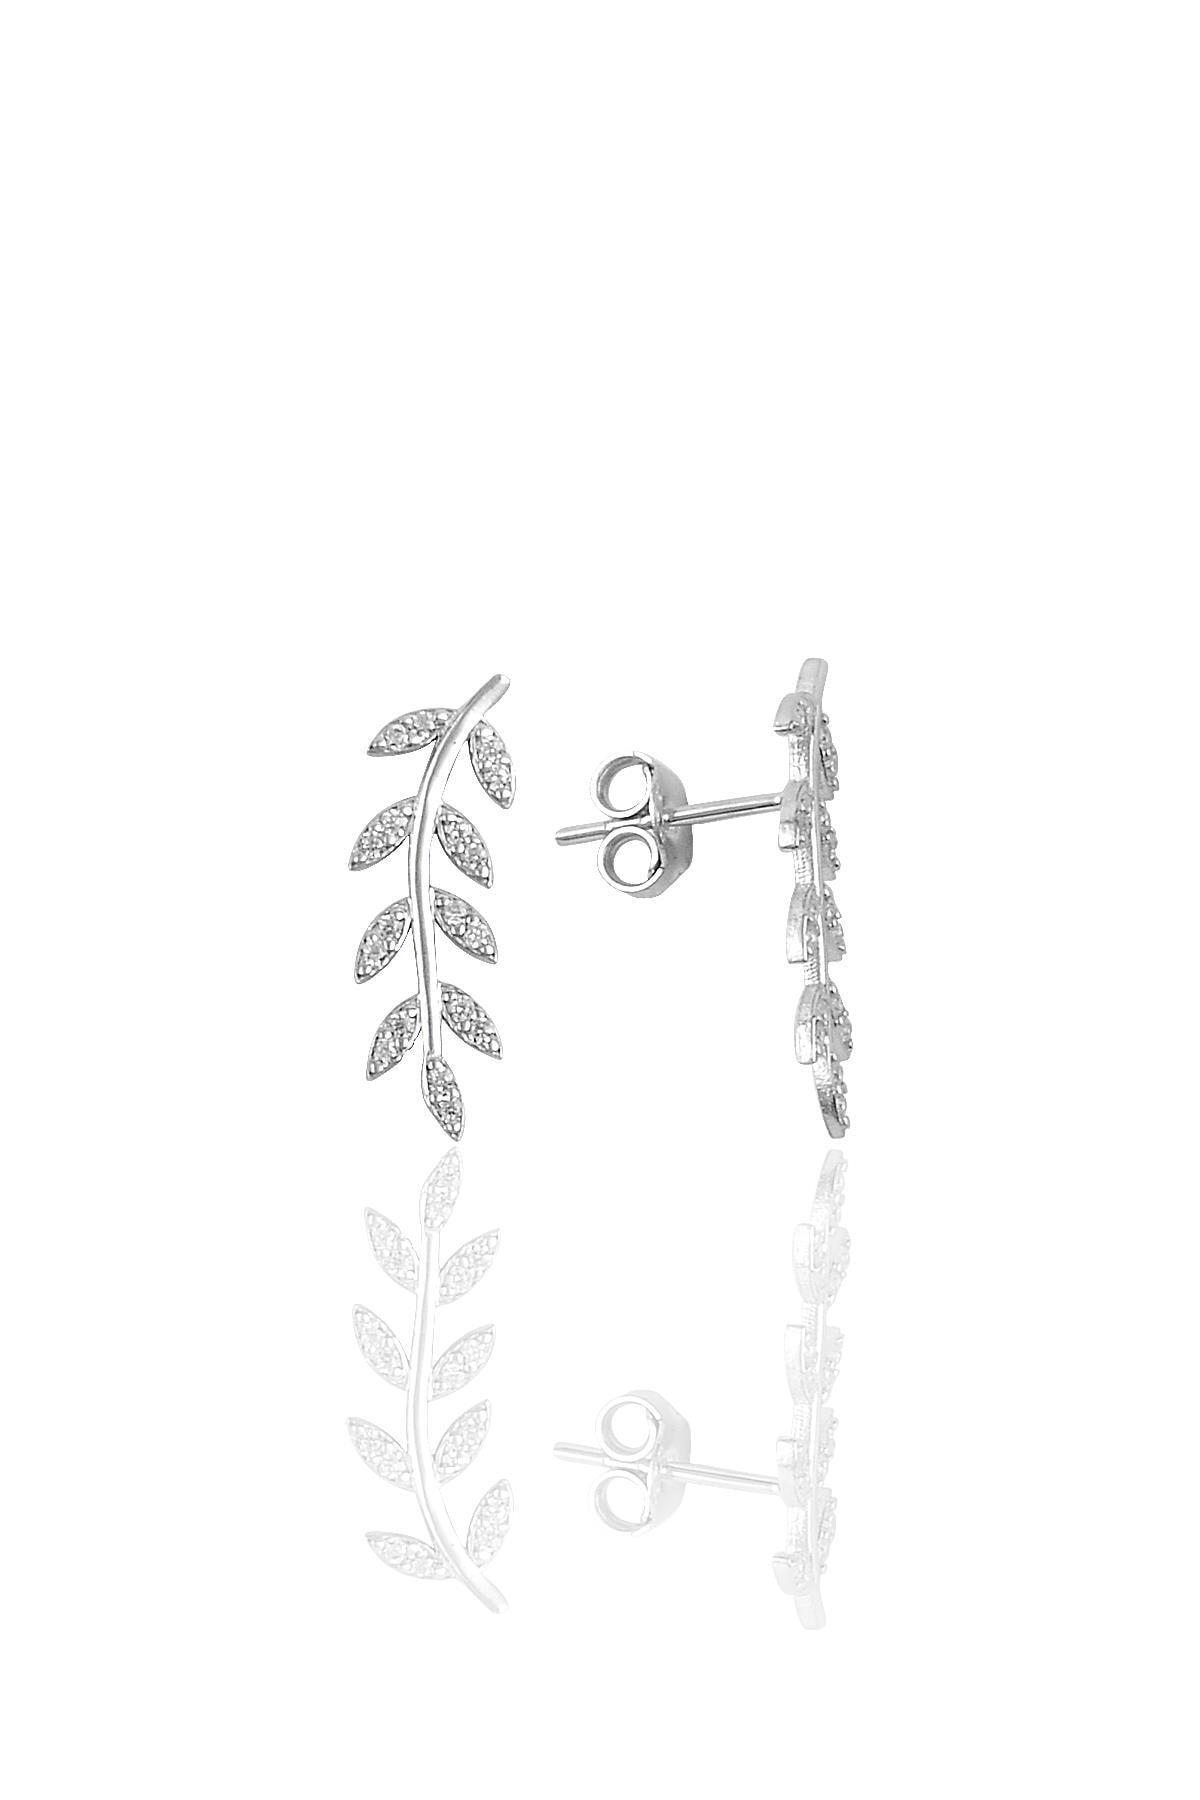 Söğütlü Silver Gümüş Rodyumlu Zirkon Taşlı Yaprak Üçlü Set 1